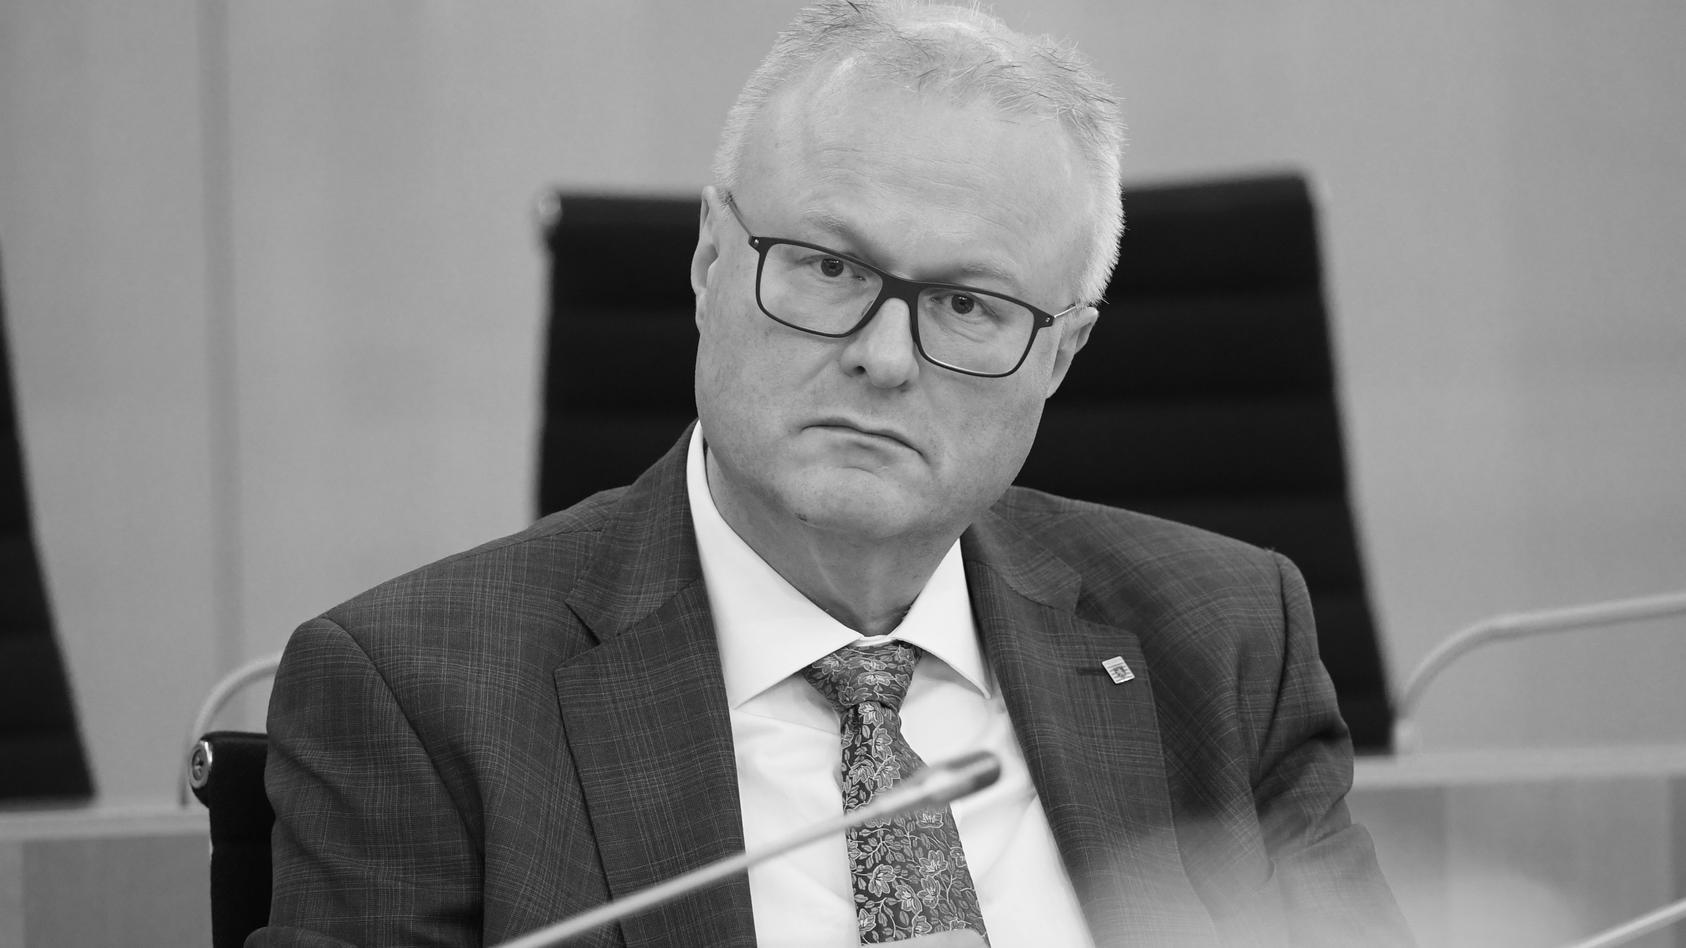 24.03.2020, Hessen, Wiesbaden: Thomas Schäfer (CDU), Finanzminister des Landes Hessen, nimmt an der Plenarsitzung des hessischen Landtags teil. Foto: Arne Dedert/dpa | Verwendung weltweit